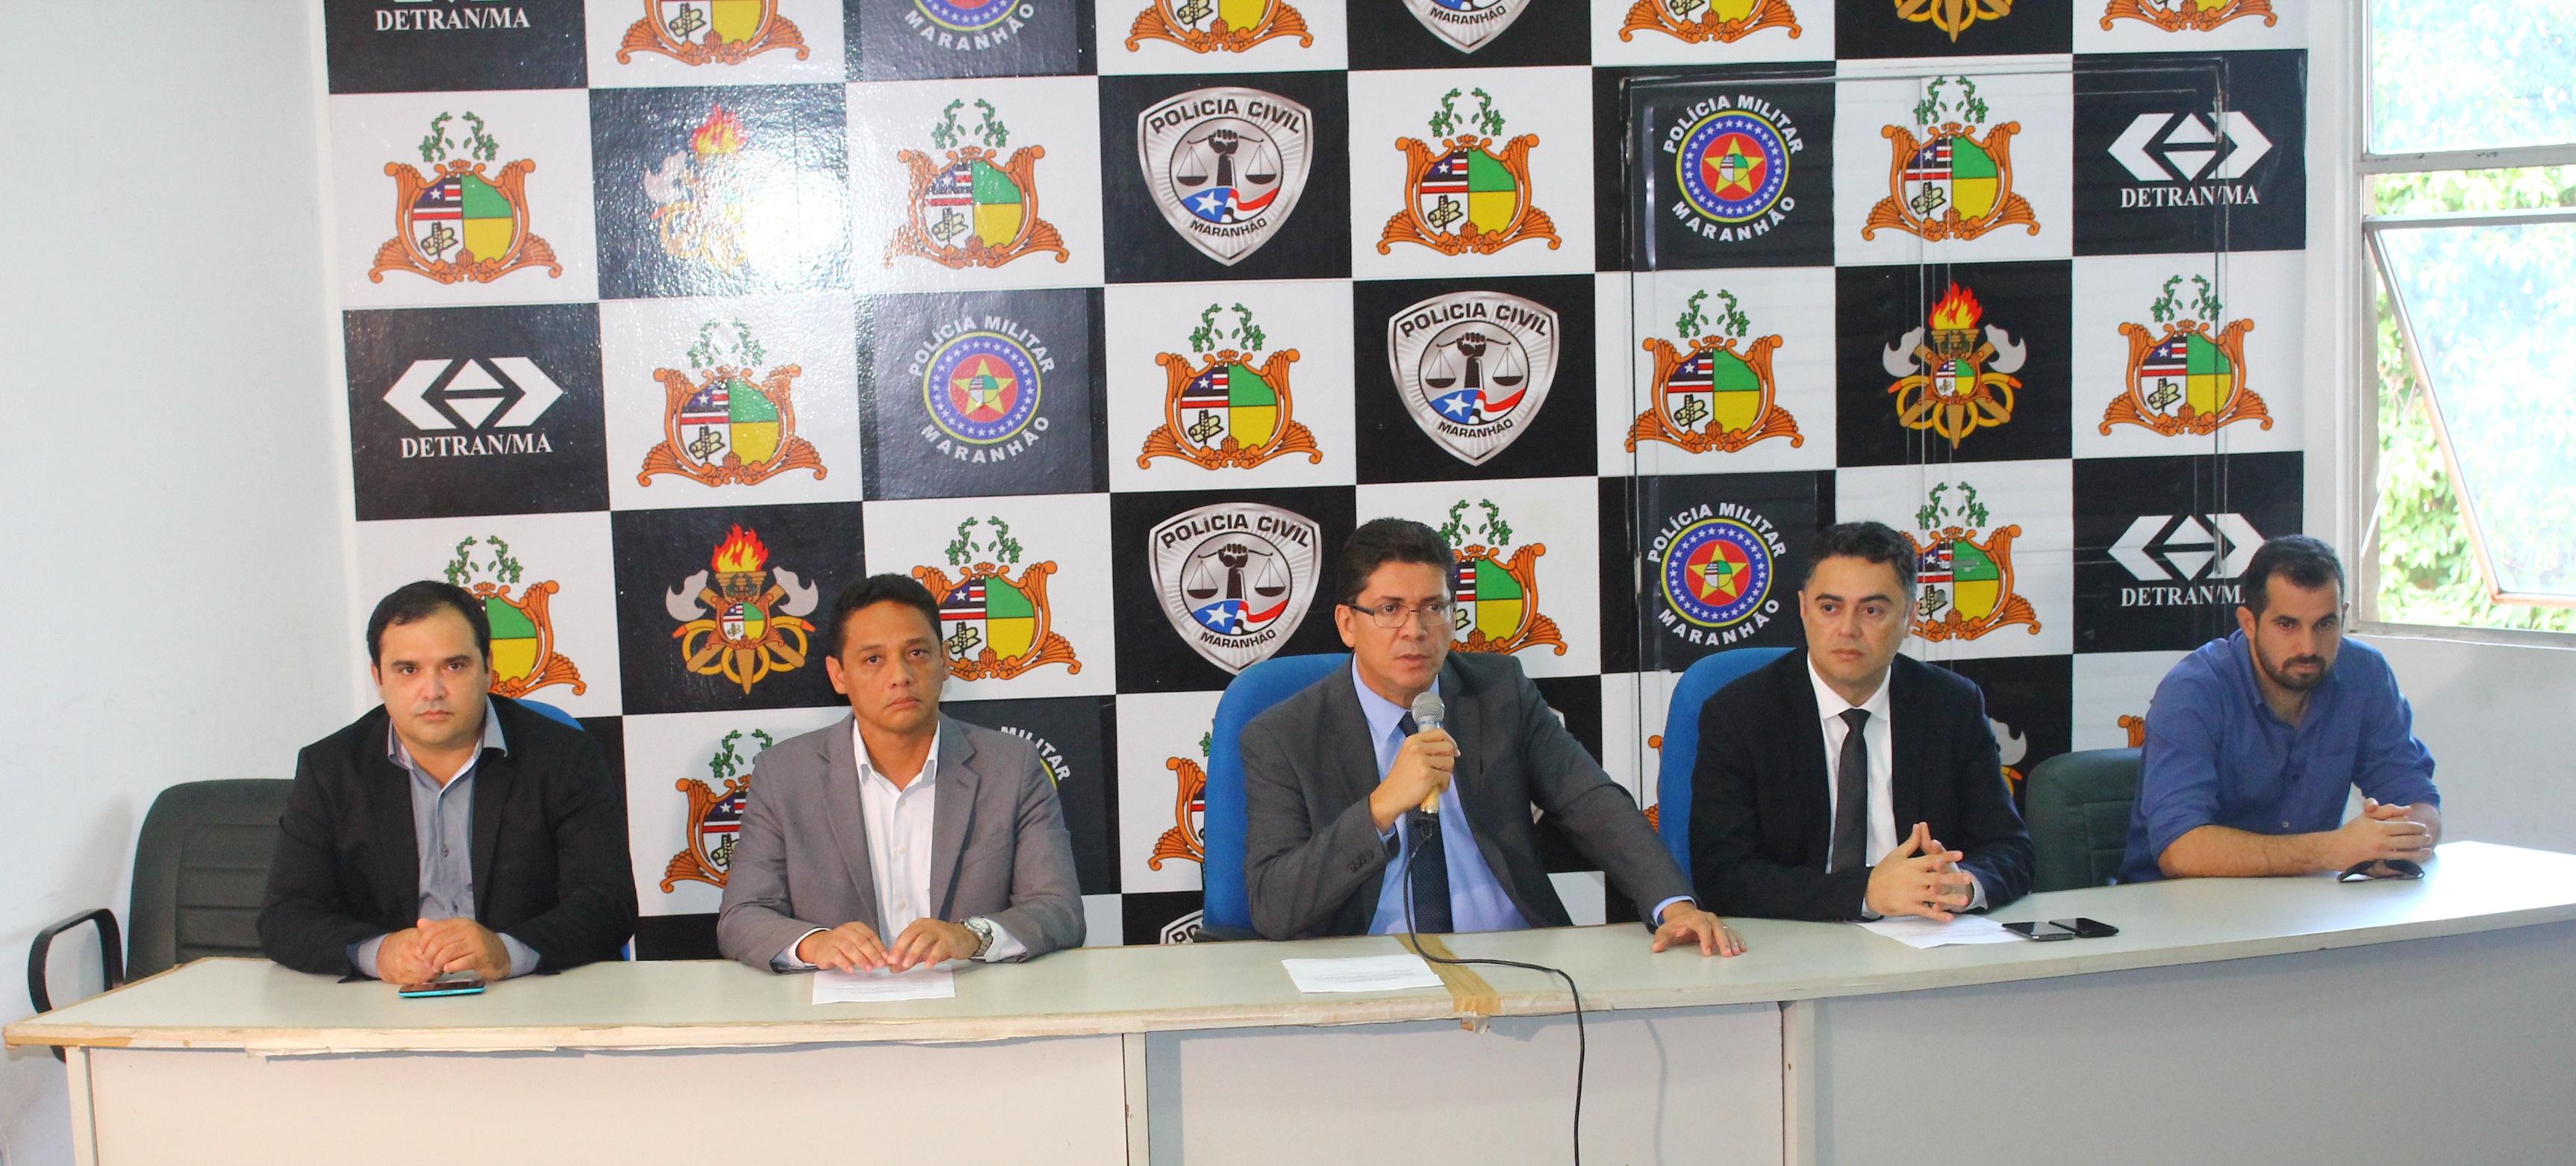 Polícia Civil prende dois acusados de tráfico de drogas e apreende 180kg de entorpecentes na capital